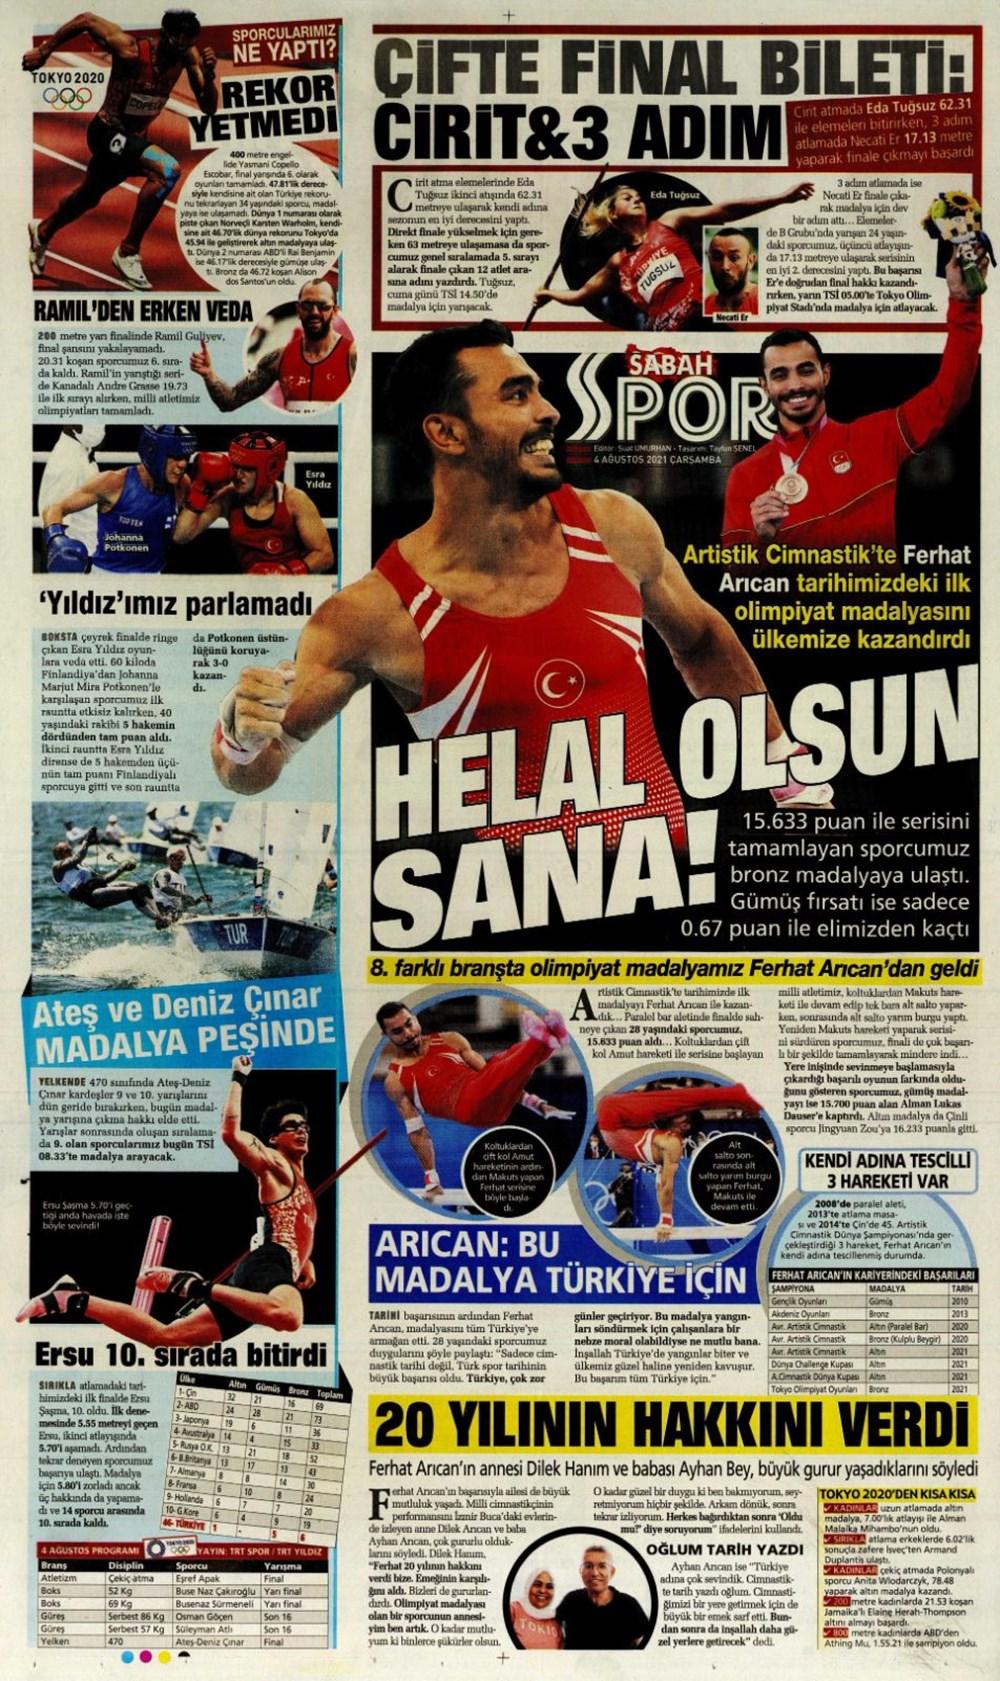 Günün spor manşetleri (4 Ağustos 2021) - 8